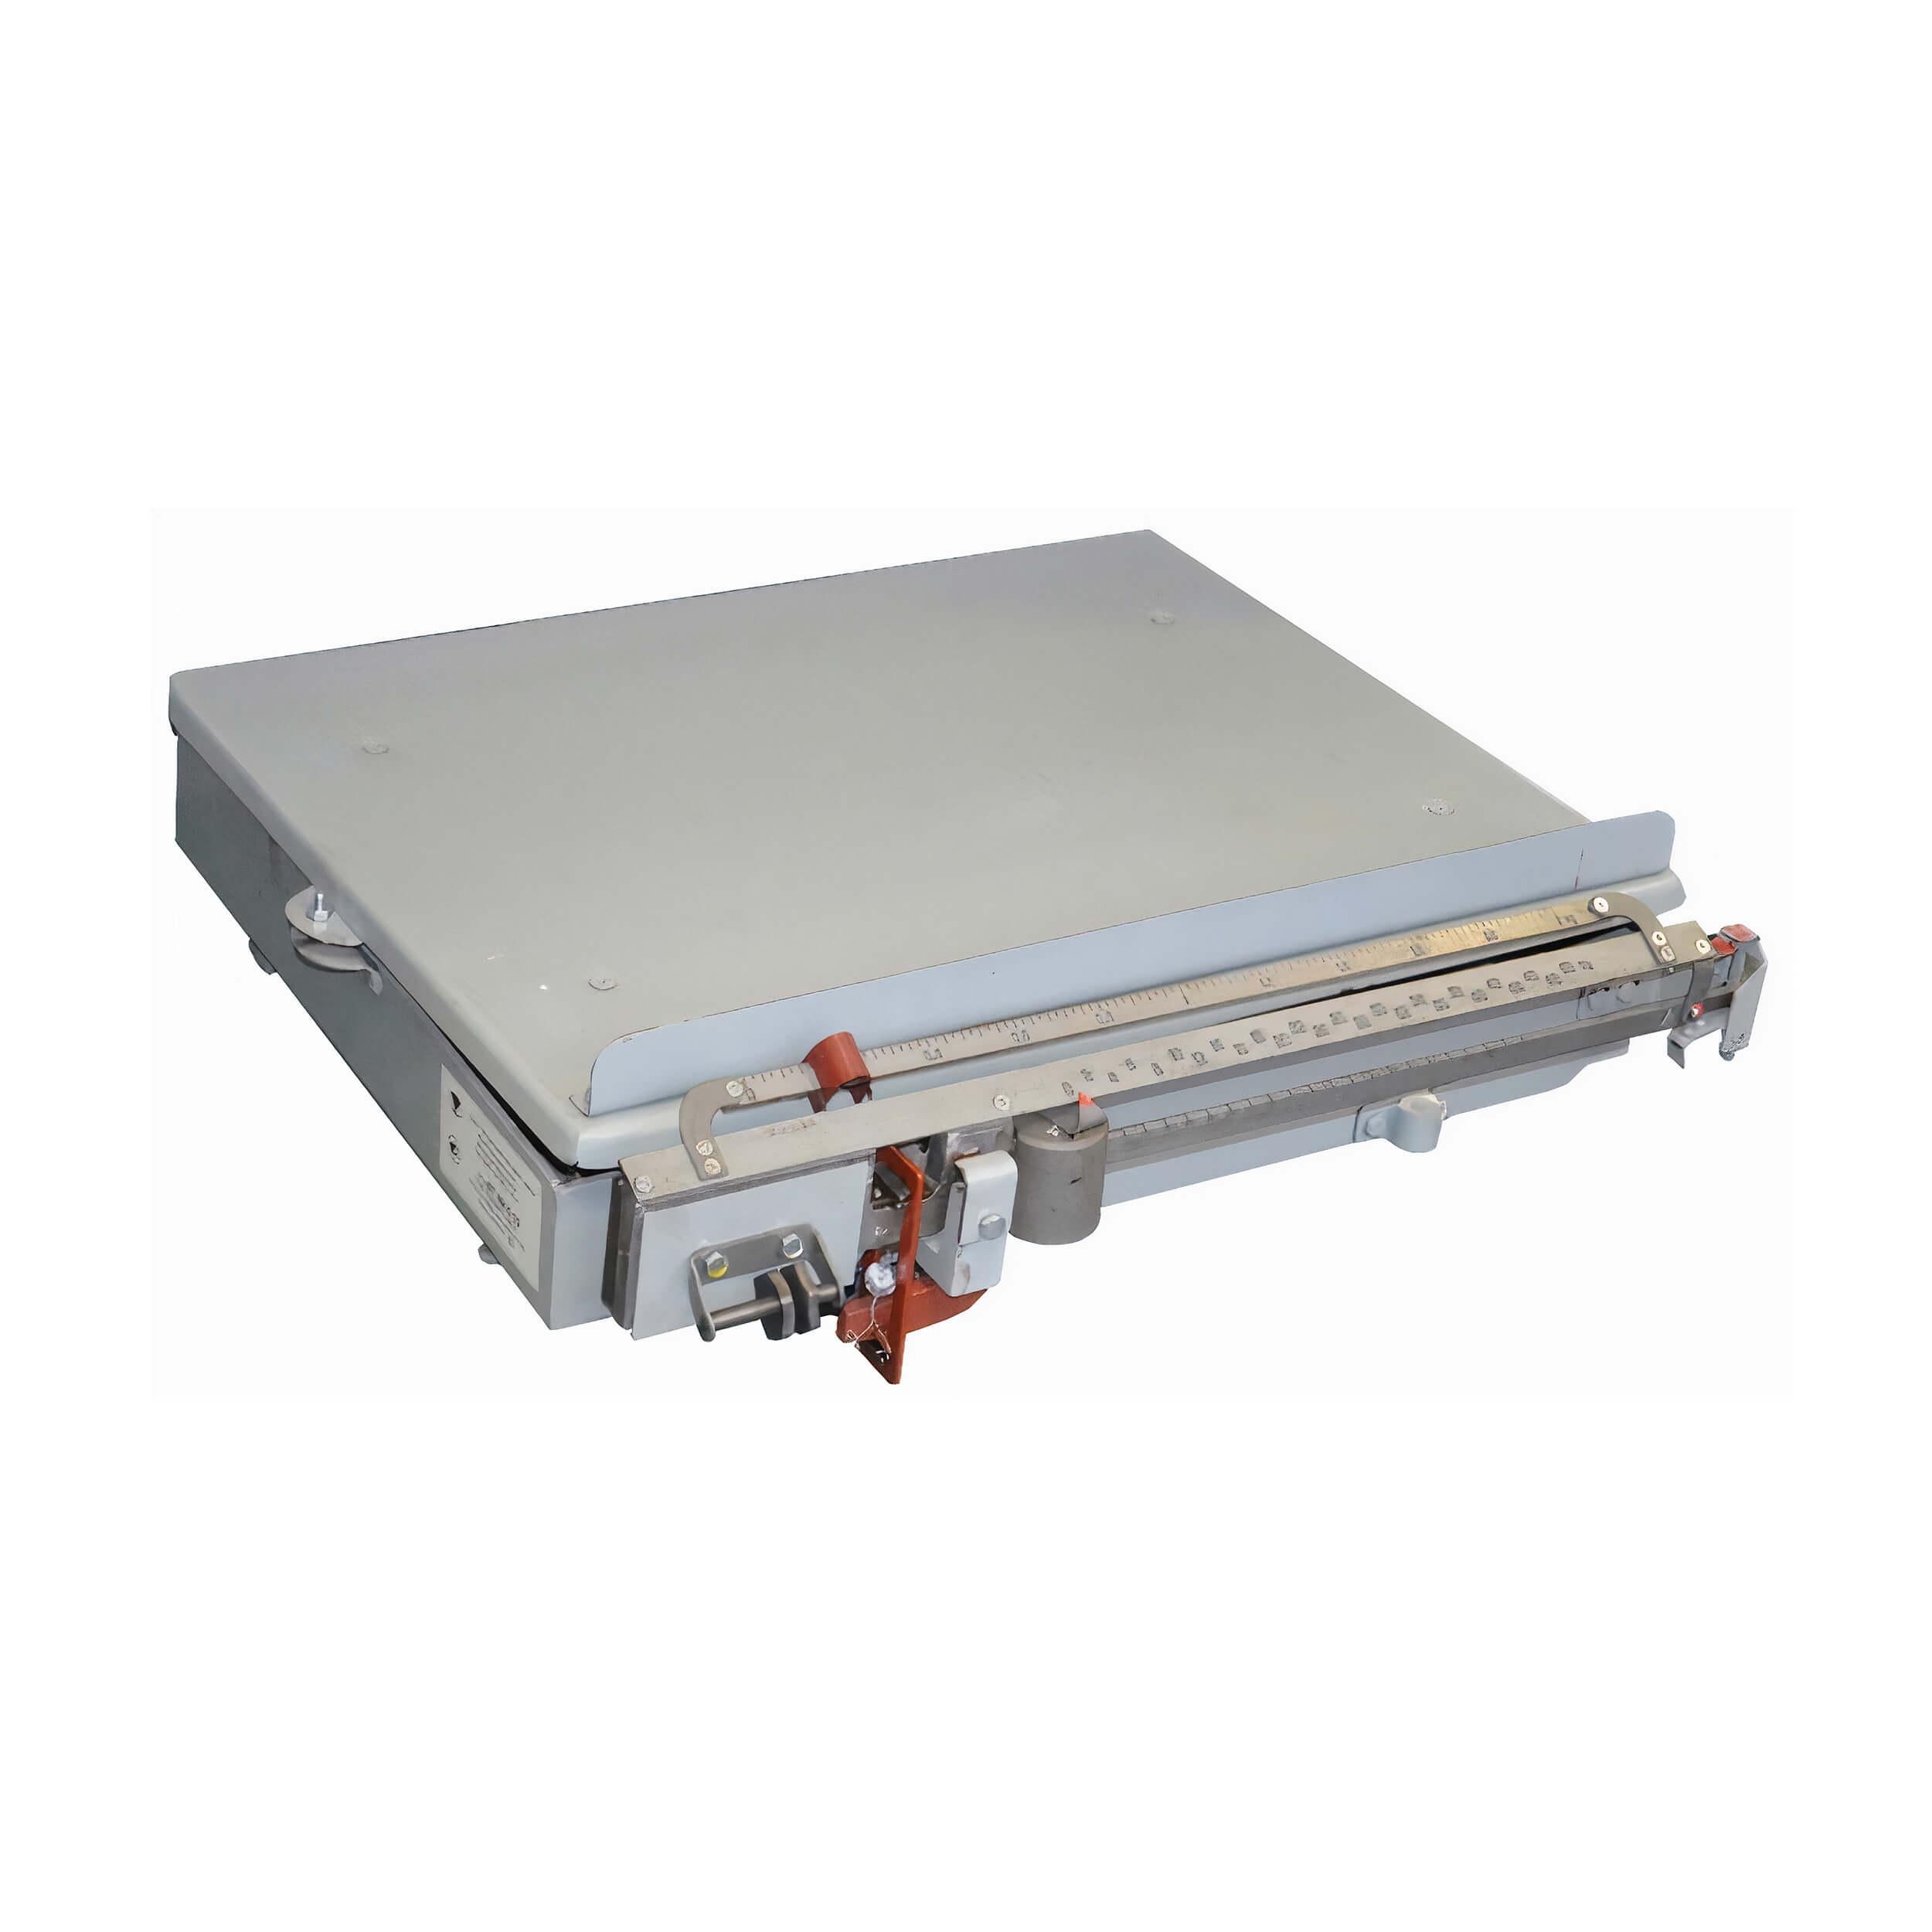 Весы контрольные для улья (до 200 кг, платформа 460х620 мм) фото